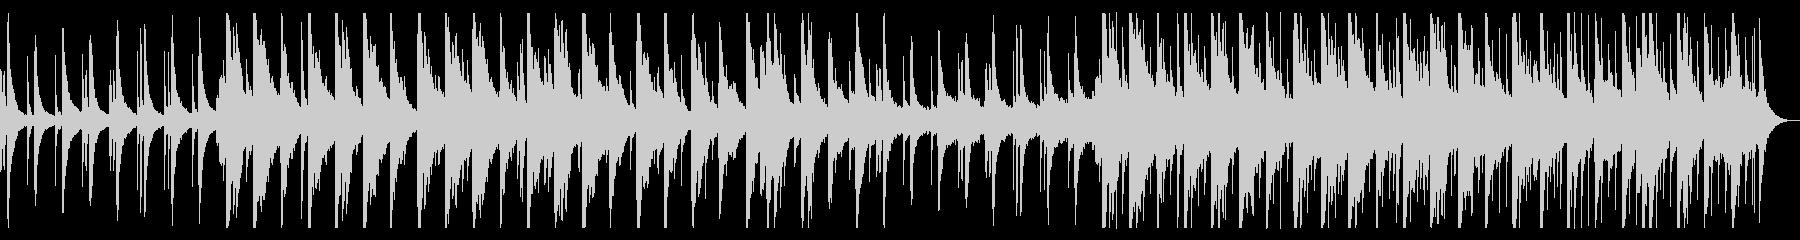 卒業をイメージしたピアノBGMの未再生の波形